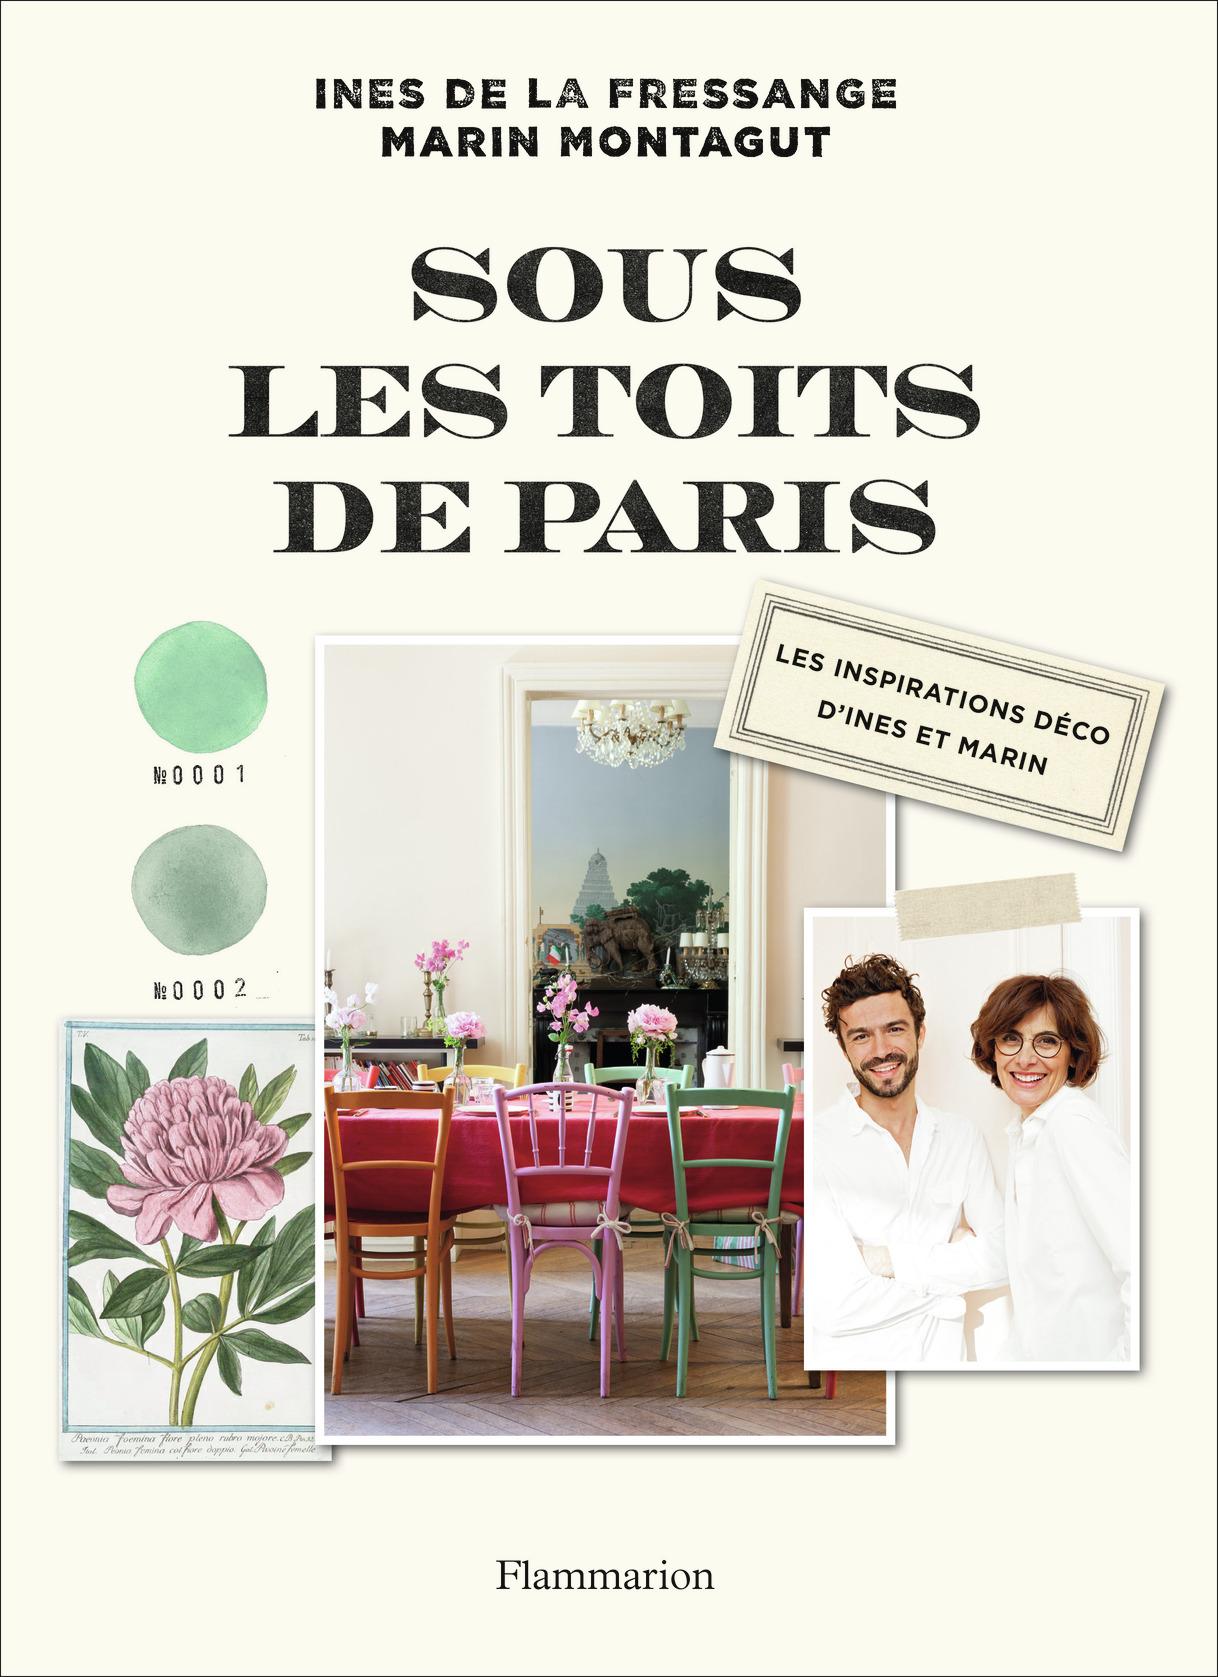 SOUS LES TOITS DE PARIS - LES INSPIRATIONS DECO D'INES ET MARIN